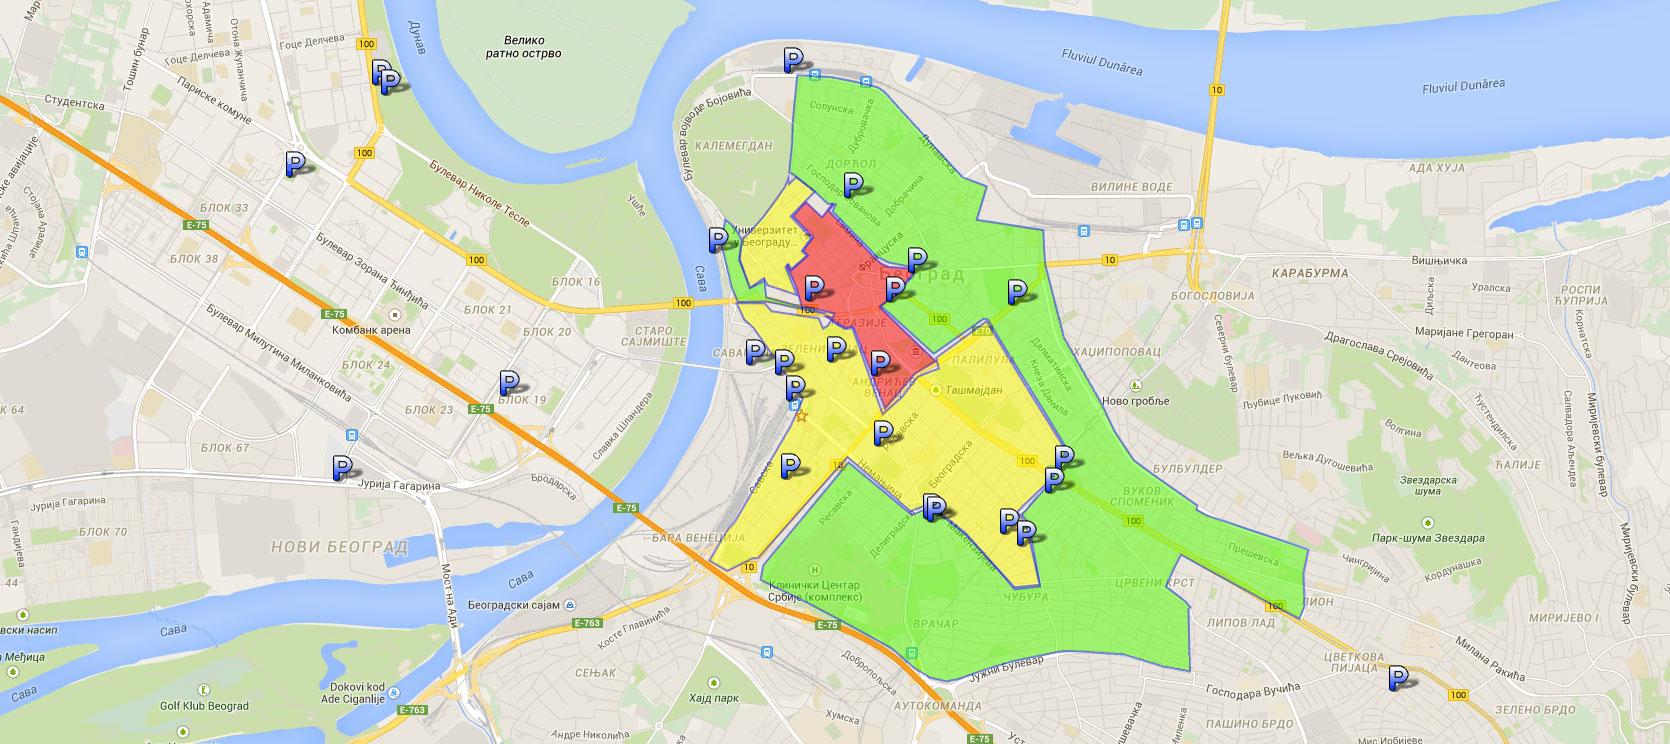 garaže beograd mapa Duletov blog | Parkiranje, garaže i zone u Beogradu garaže beograd mapa